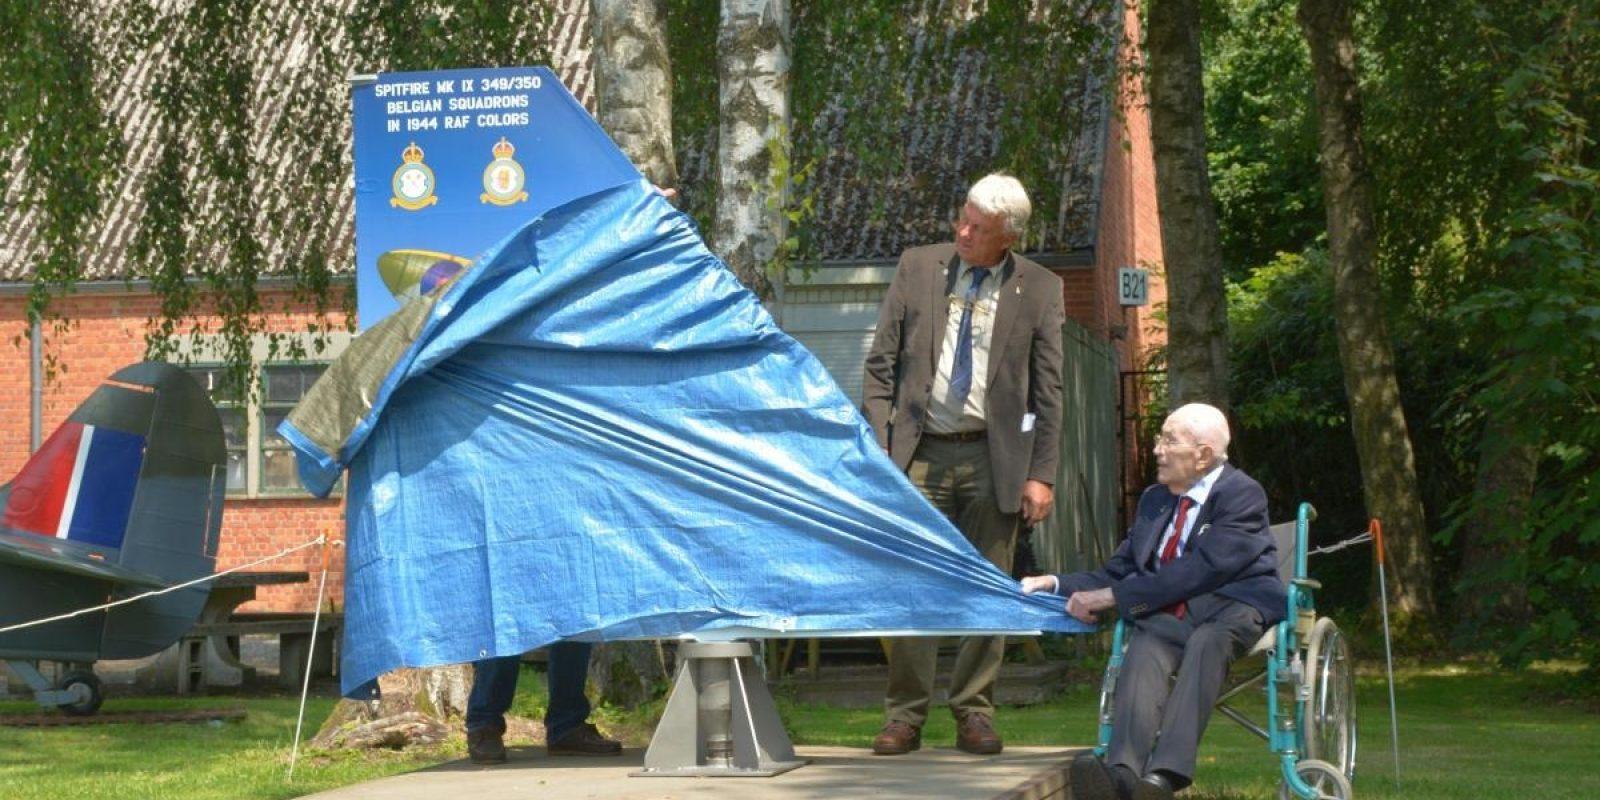 Les deux initiateurs du projet « Spitfire » dévoilent la stèle commémorative (R.Verhegghen)